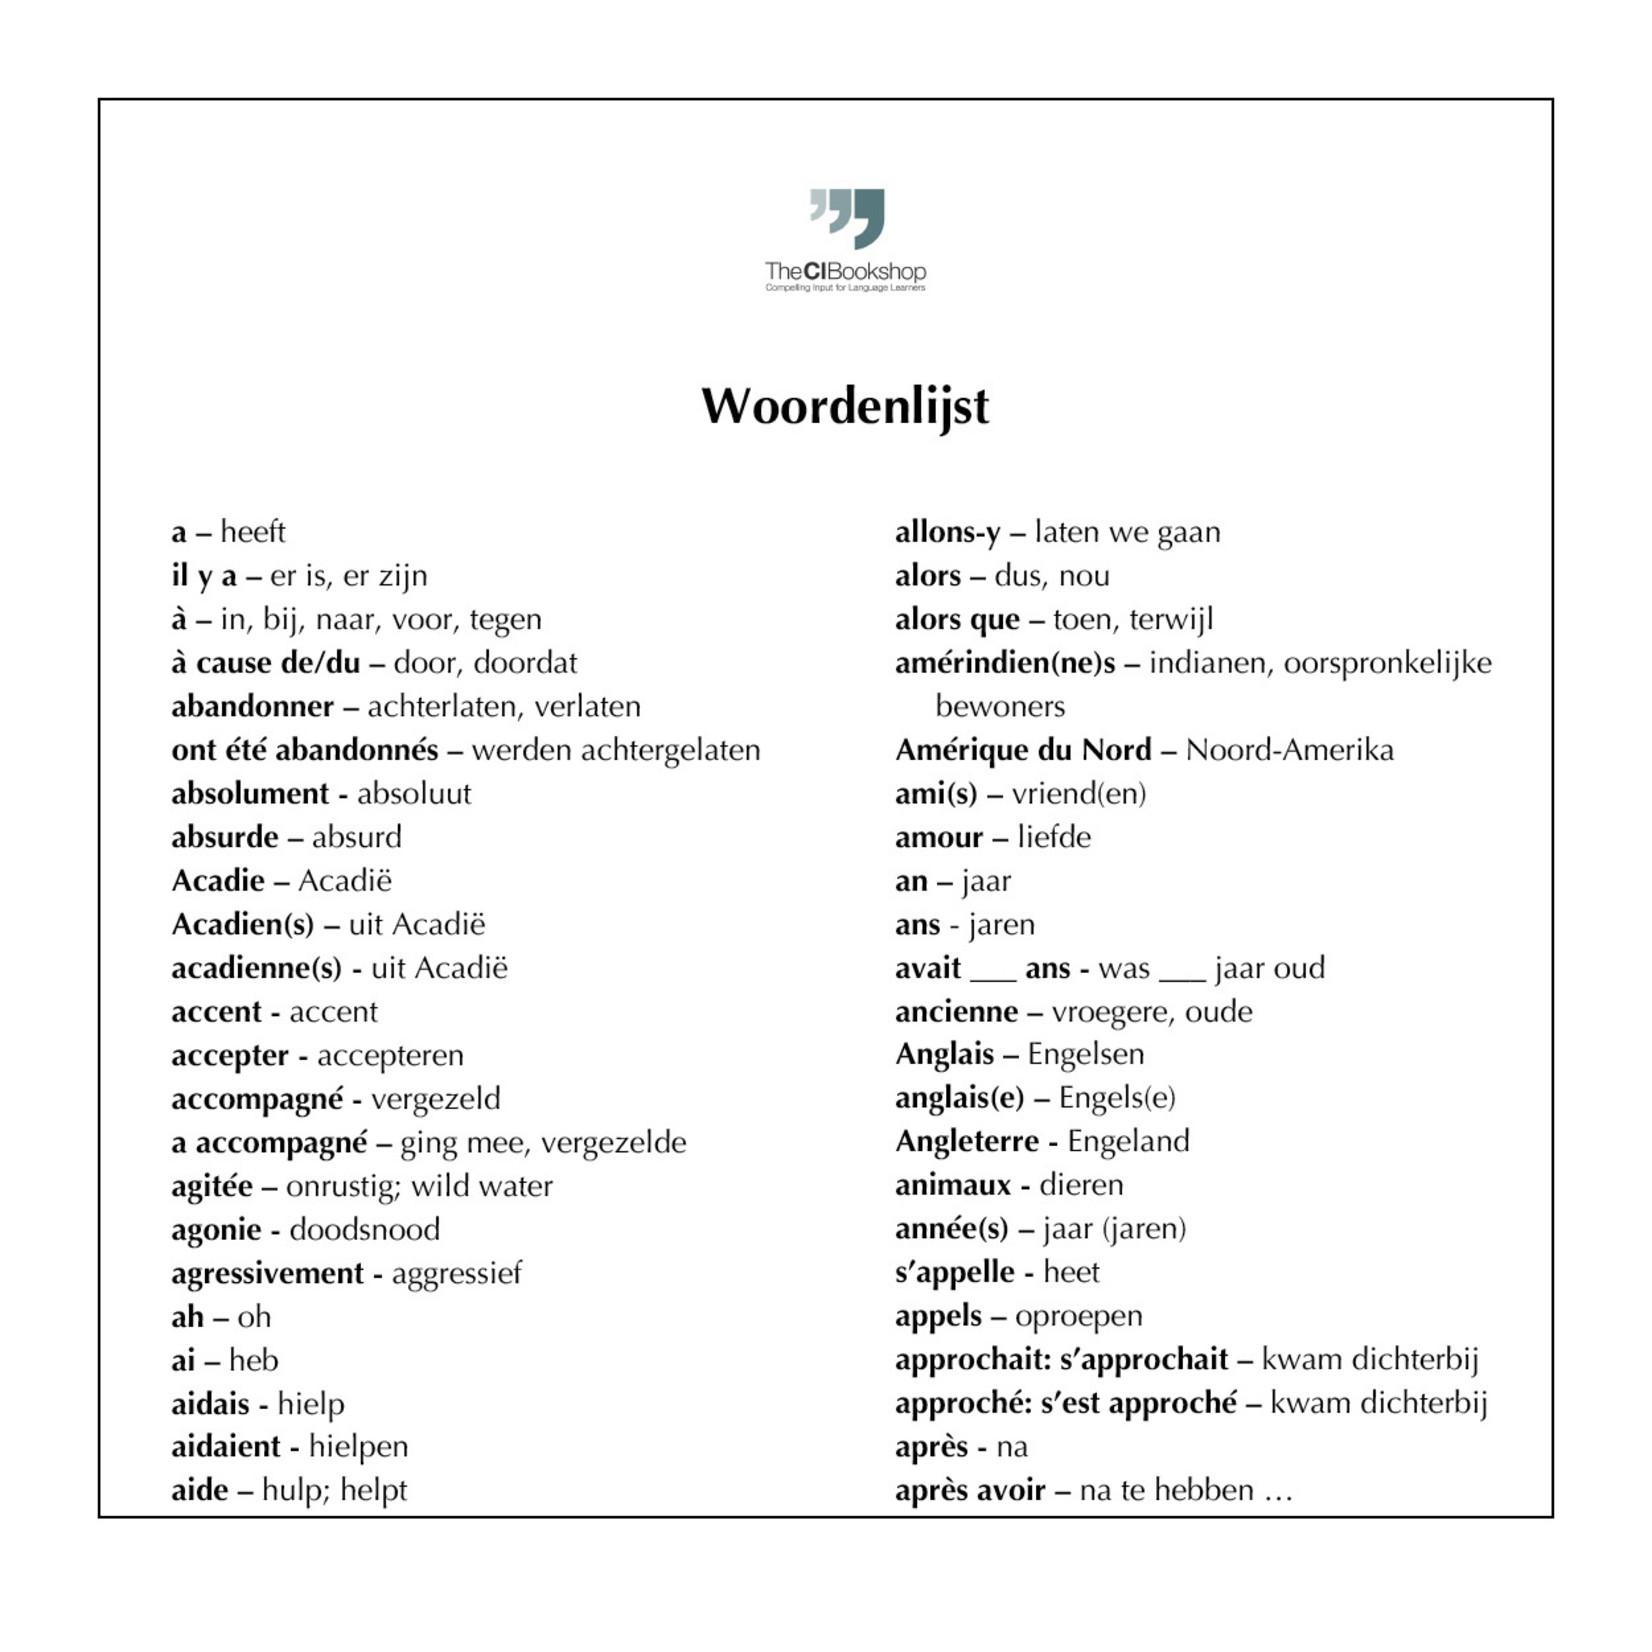 Dutch glossary for Presque mort